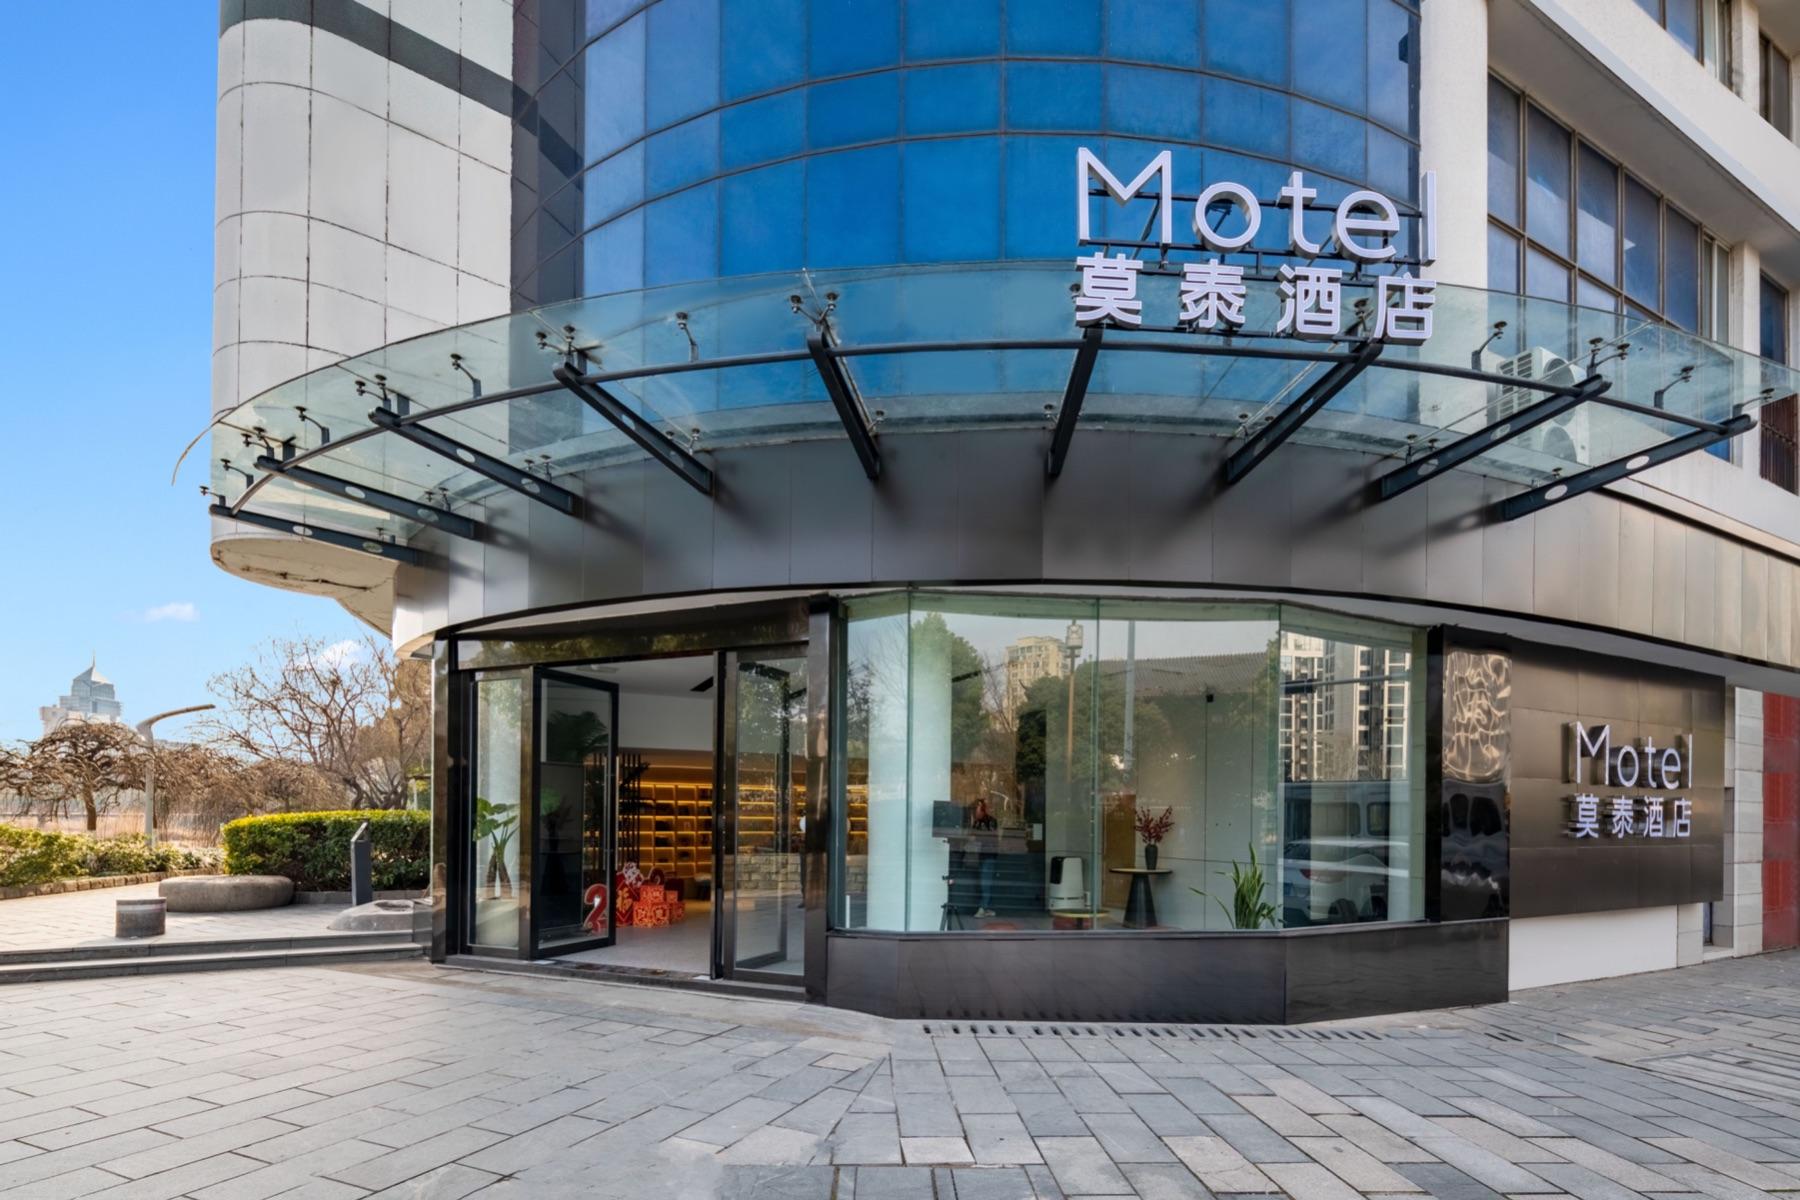 莫泰酒店-湖州安吉商贸广场递铺中路店